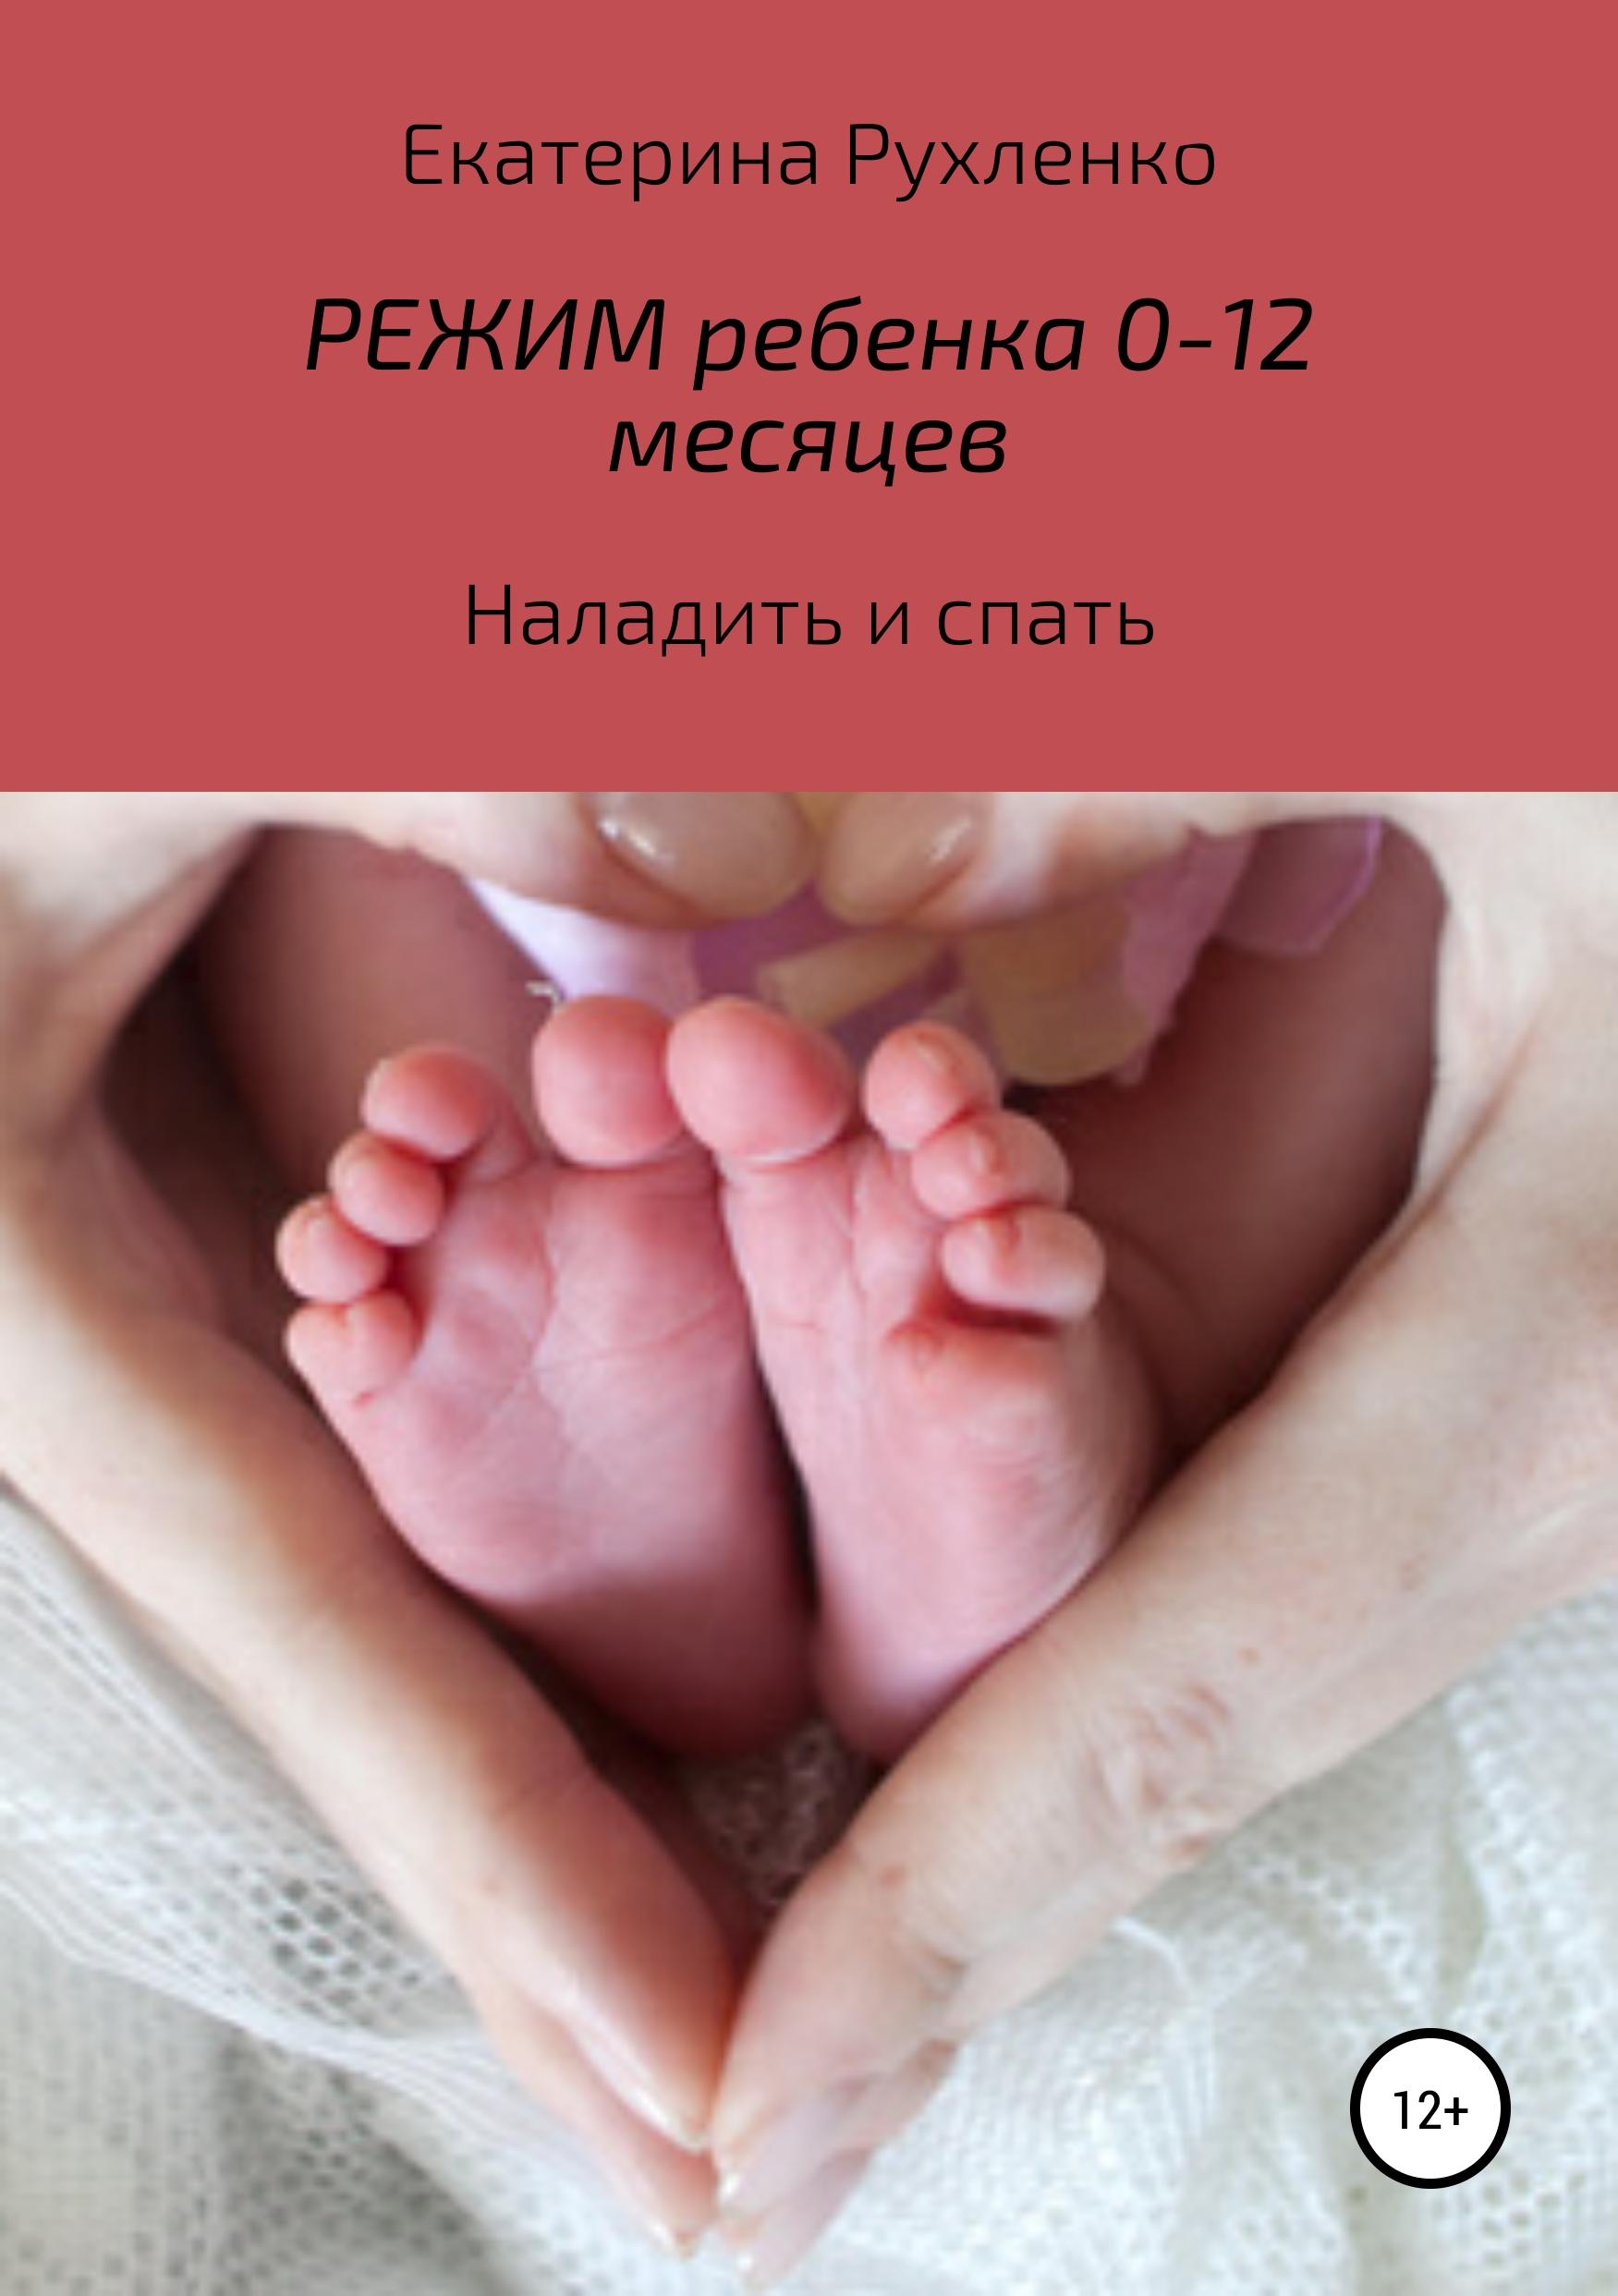 Режим ребенка 0-12 месяцев. Наладить и спать